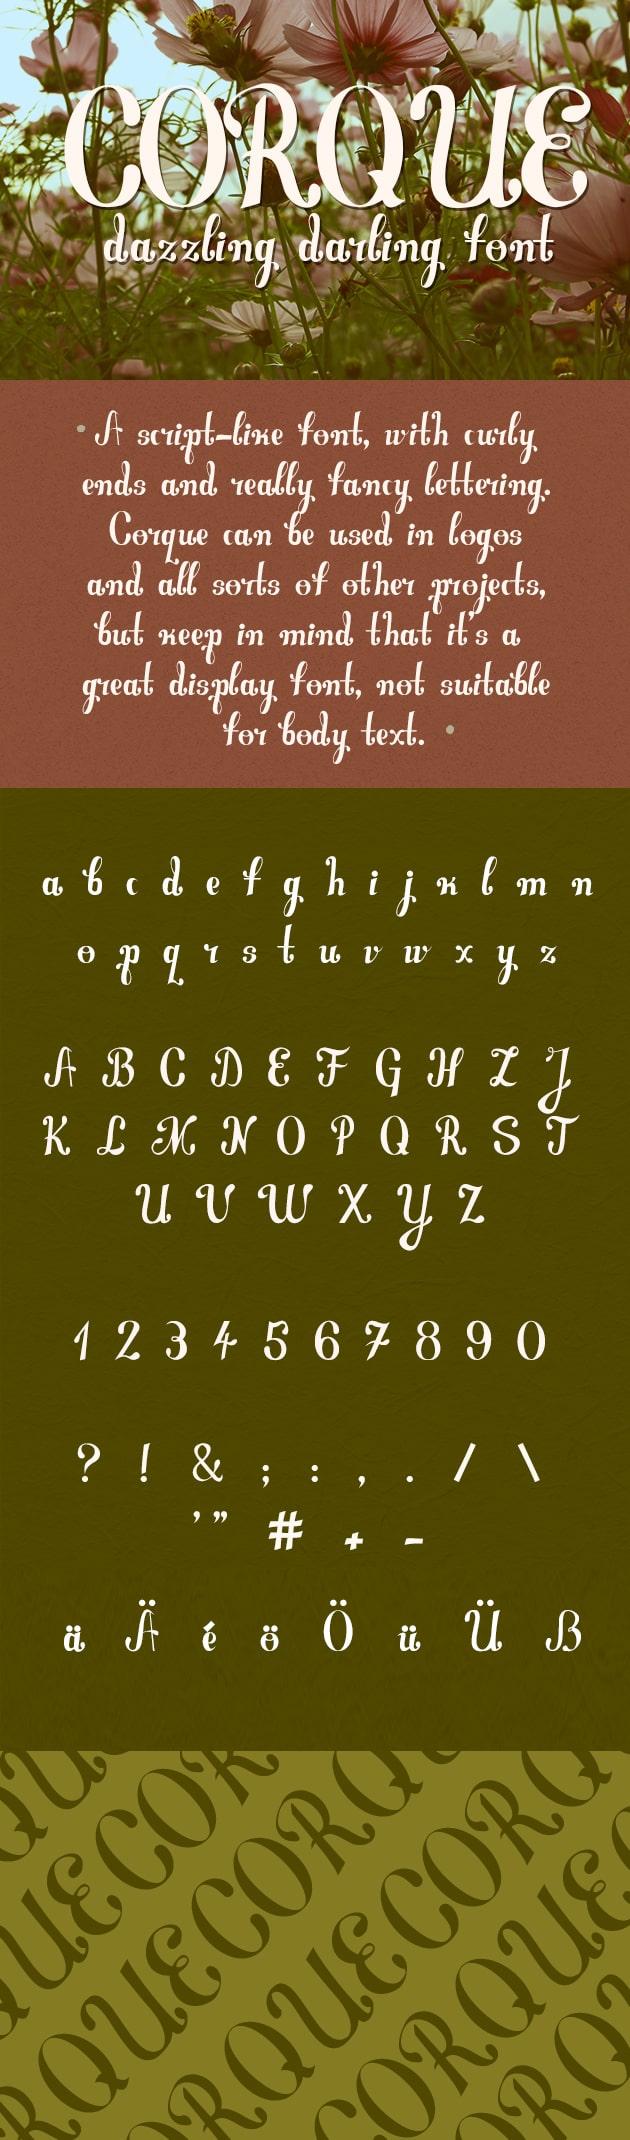 Corque Font Corque preview large